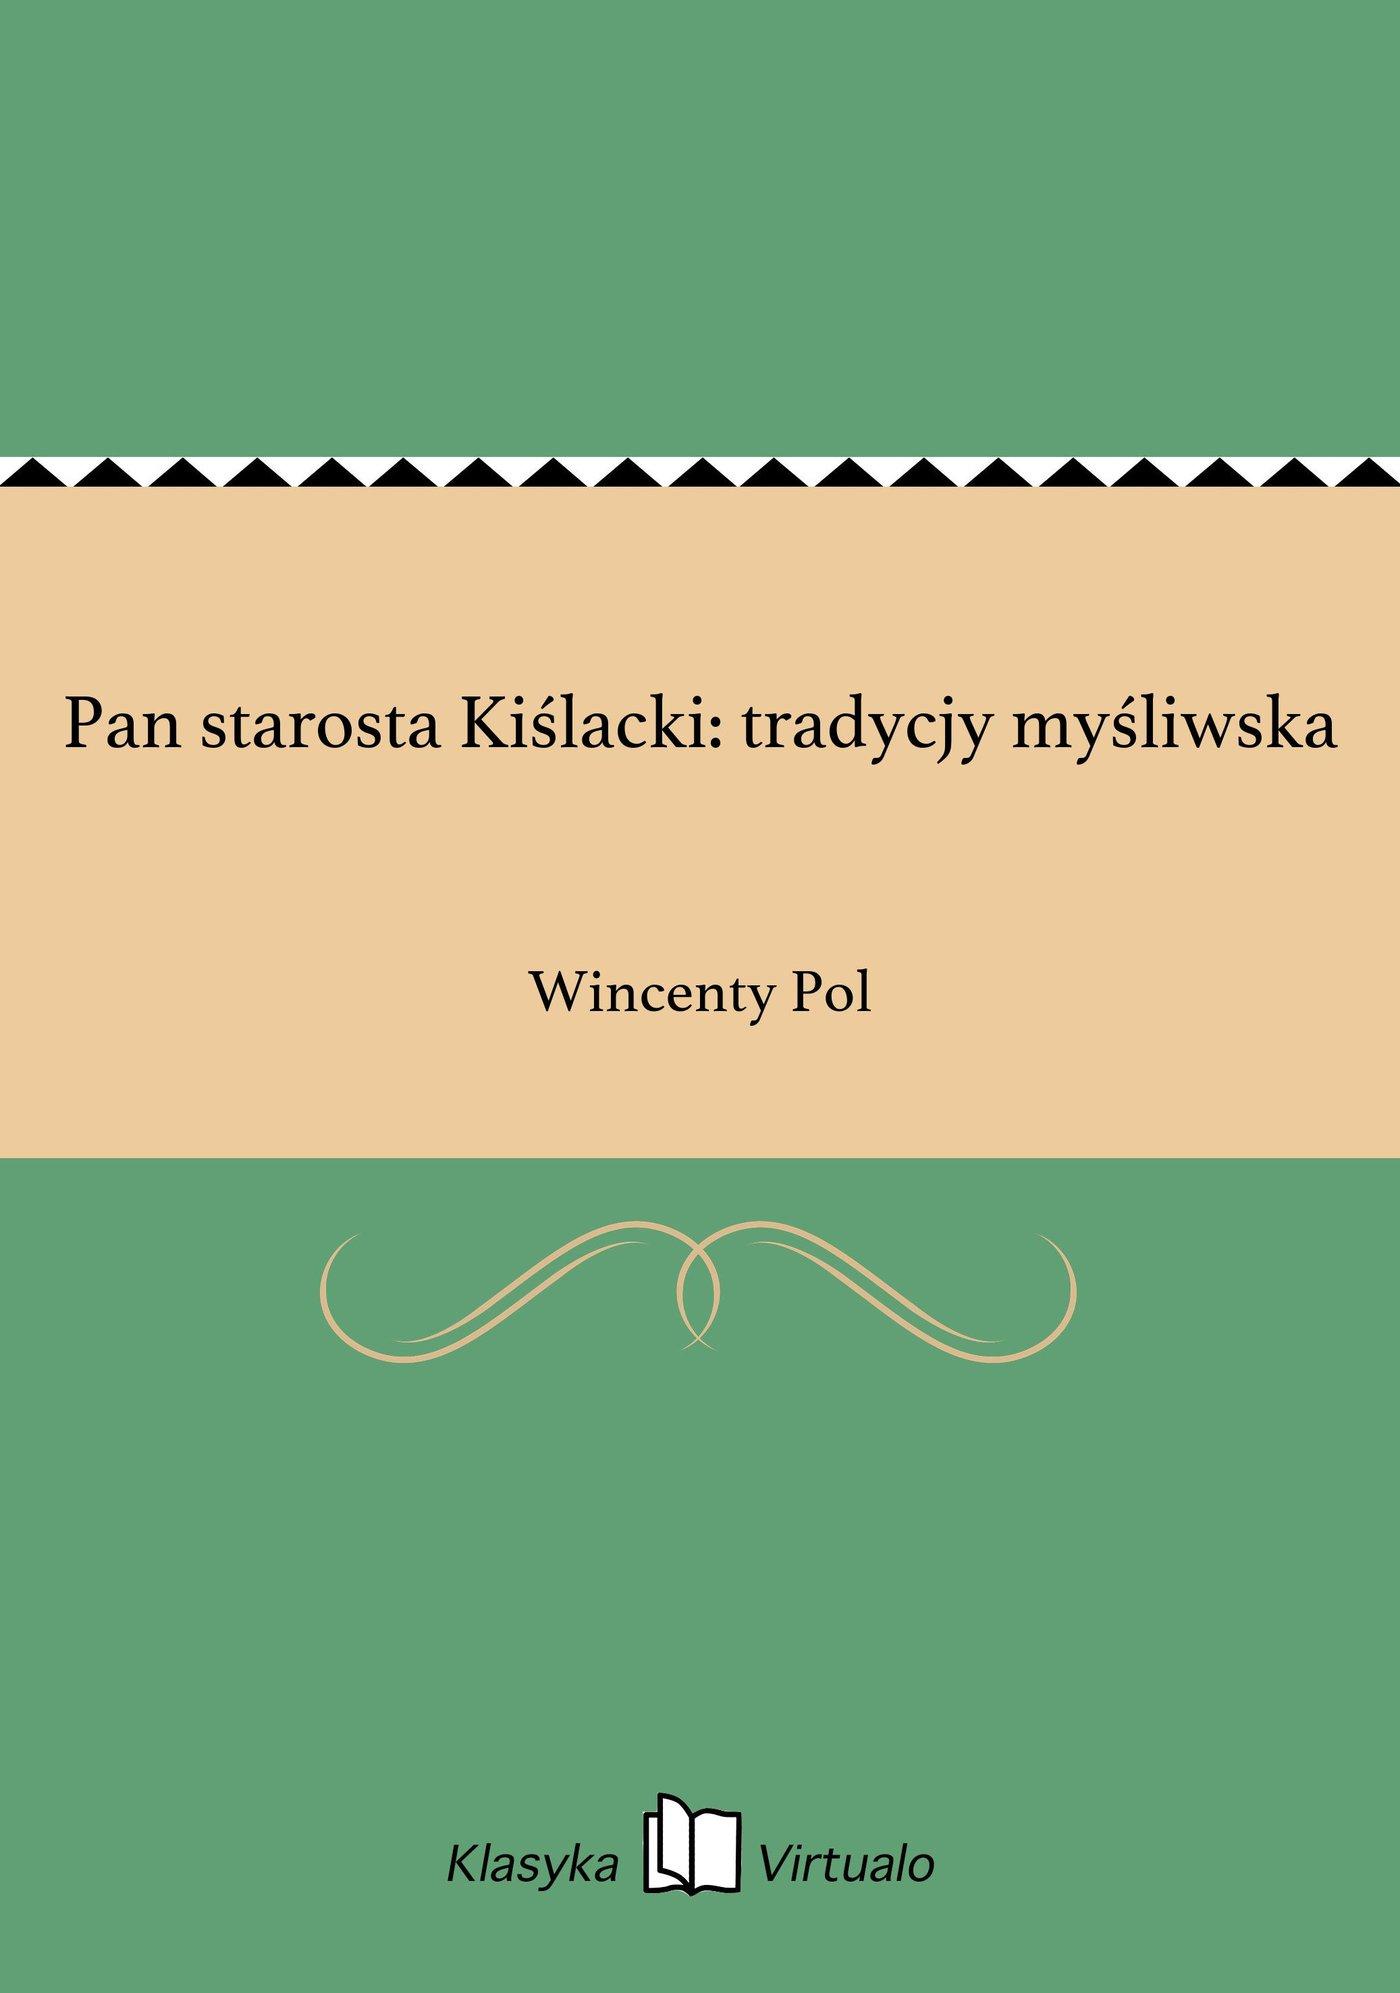 Pan starosta Kiślacki: tradycjy myśliwska - Ebook (Książka EPUB) do pobrania w formacie EPUB